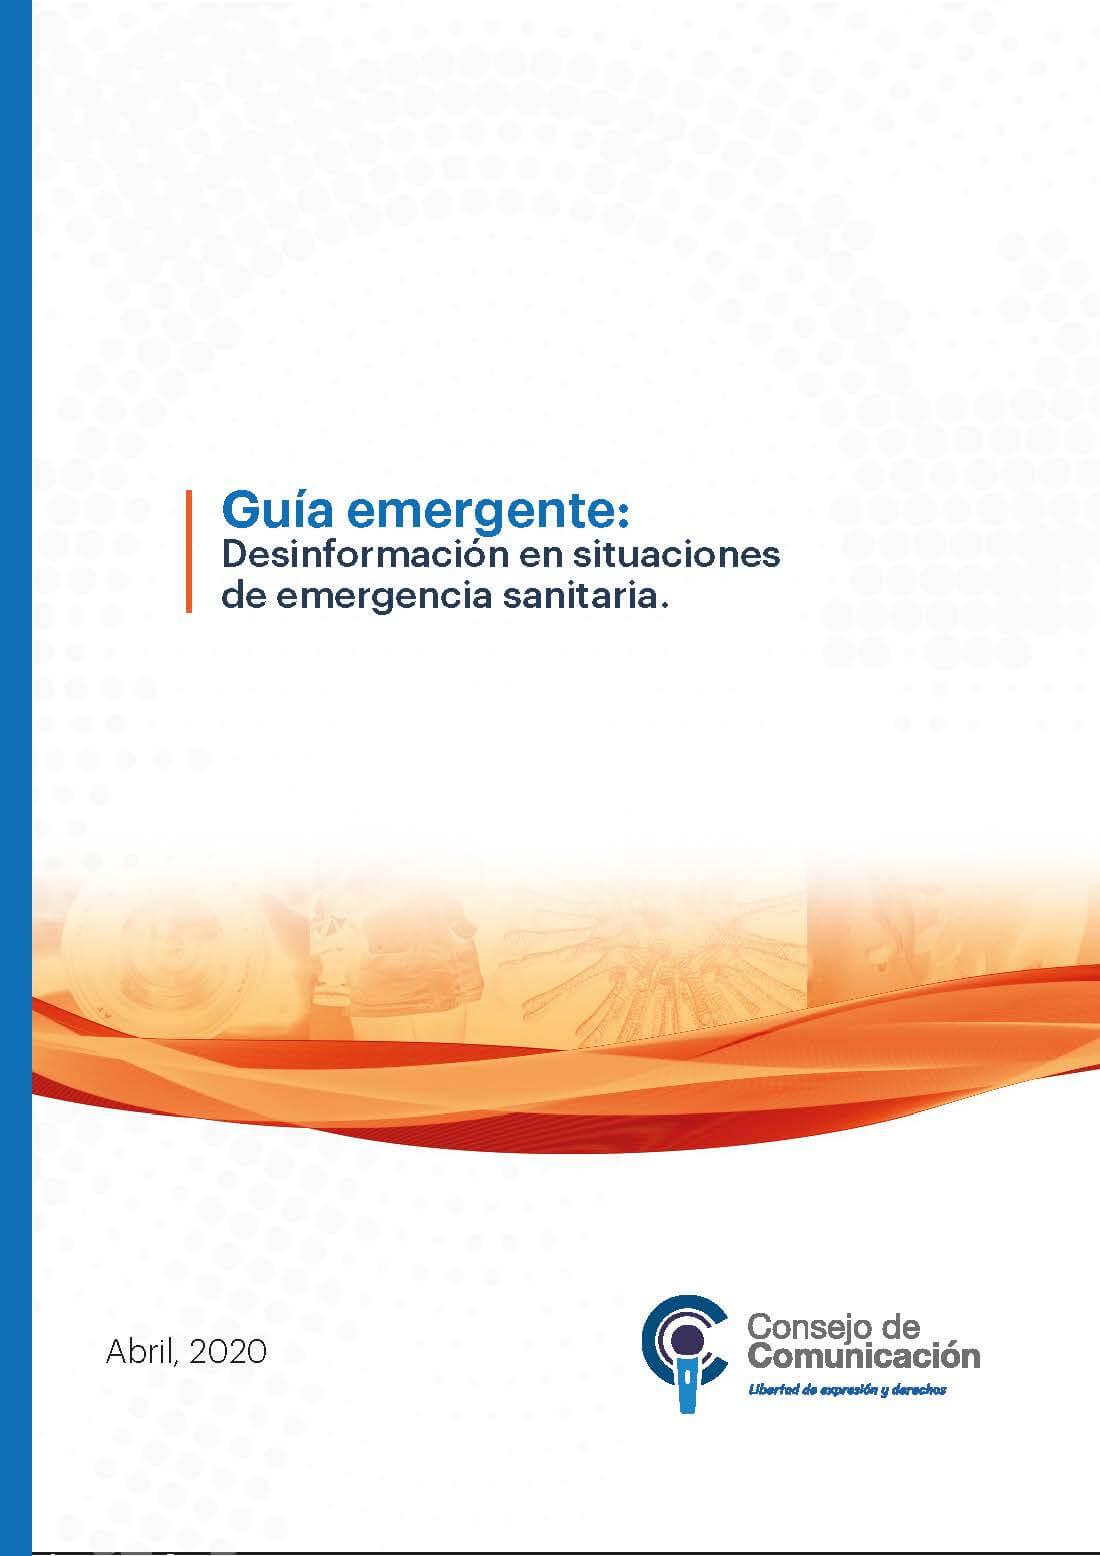 Guía emergente Desinformación en situaciones de emergencia